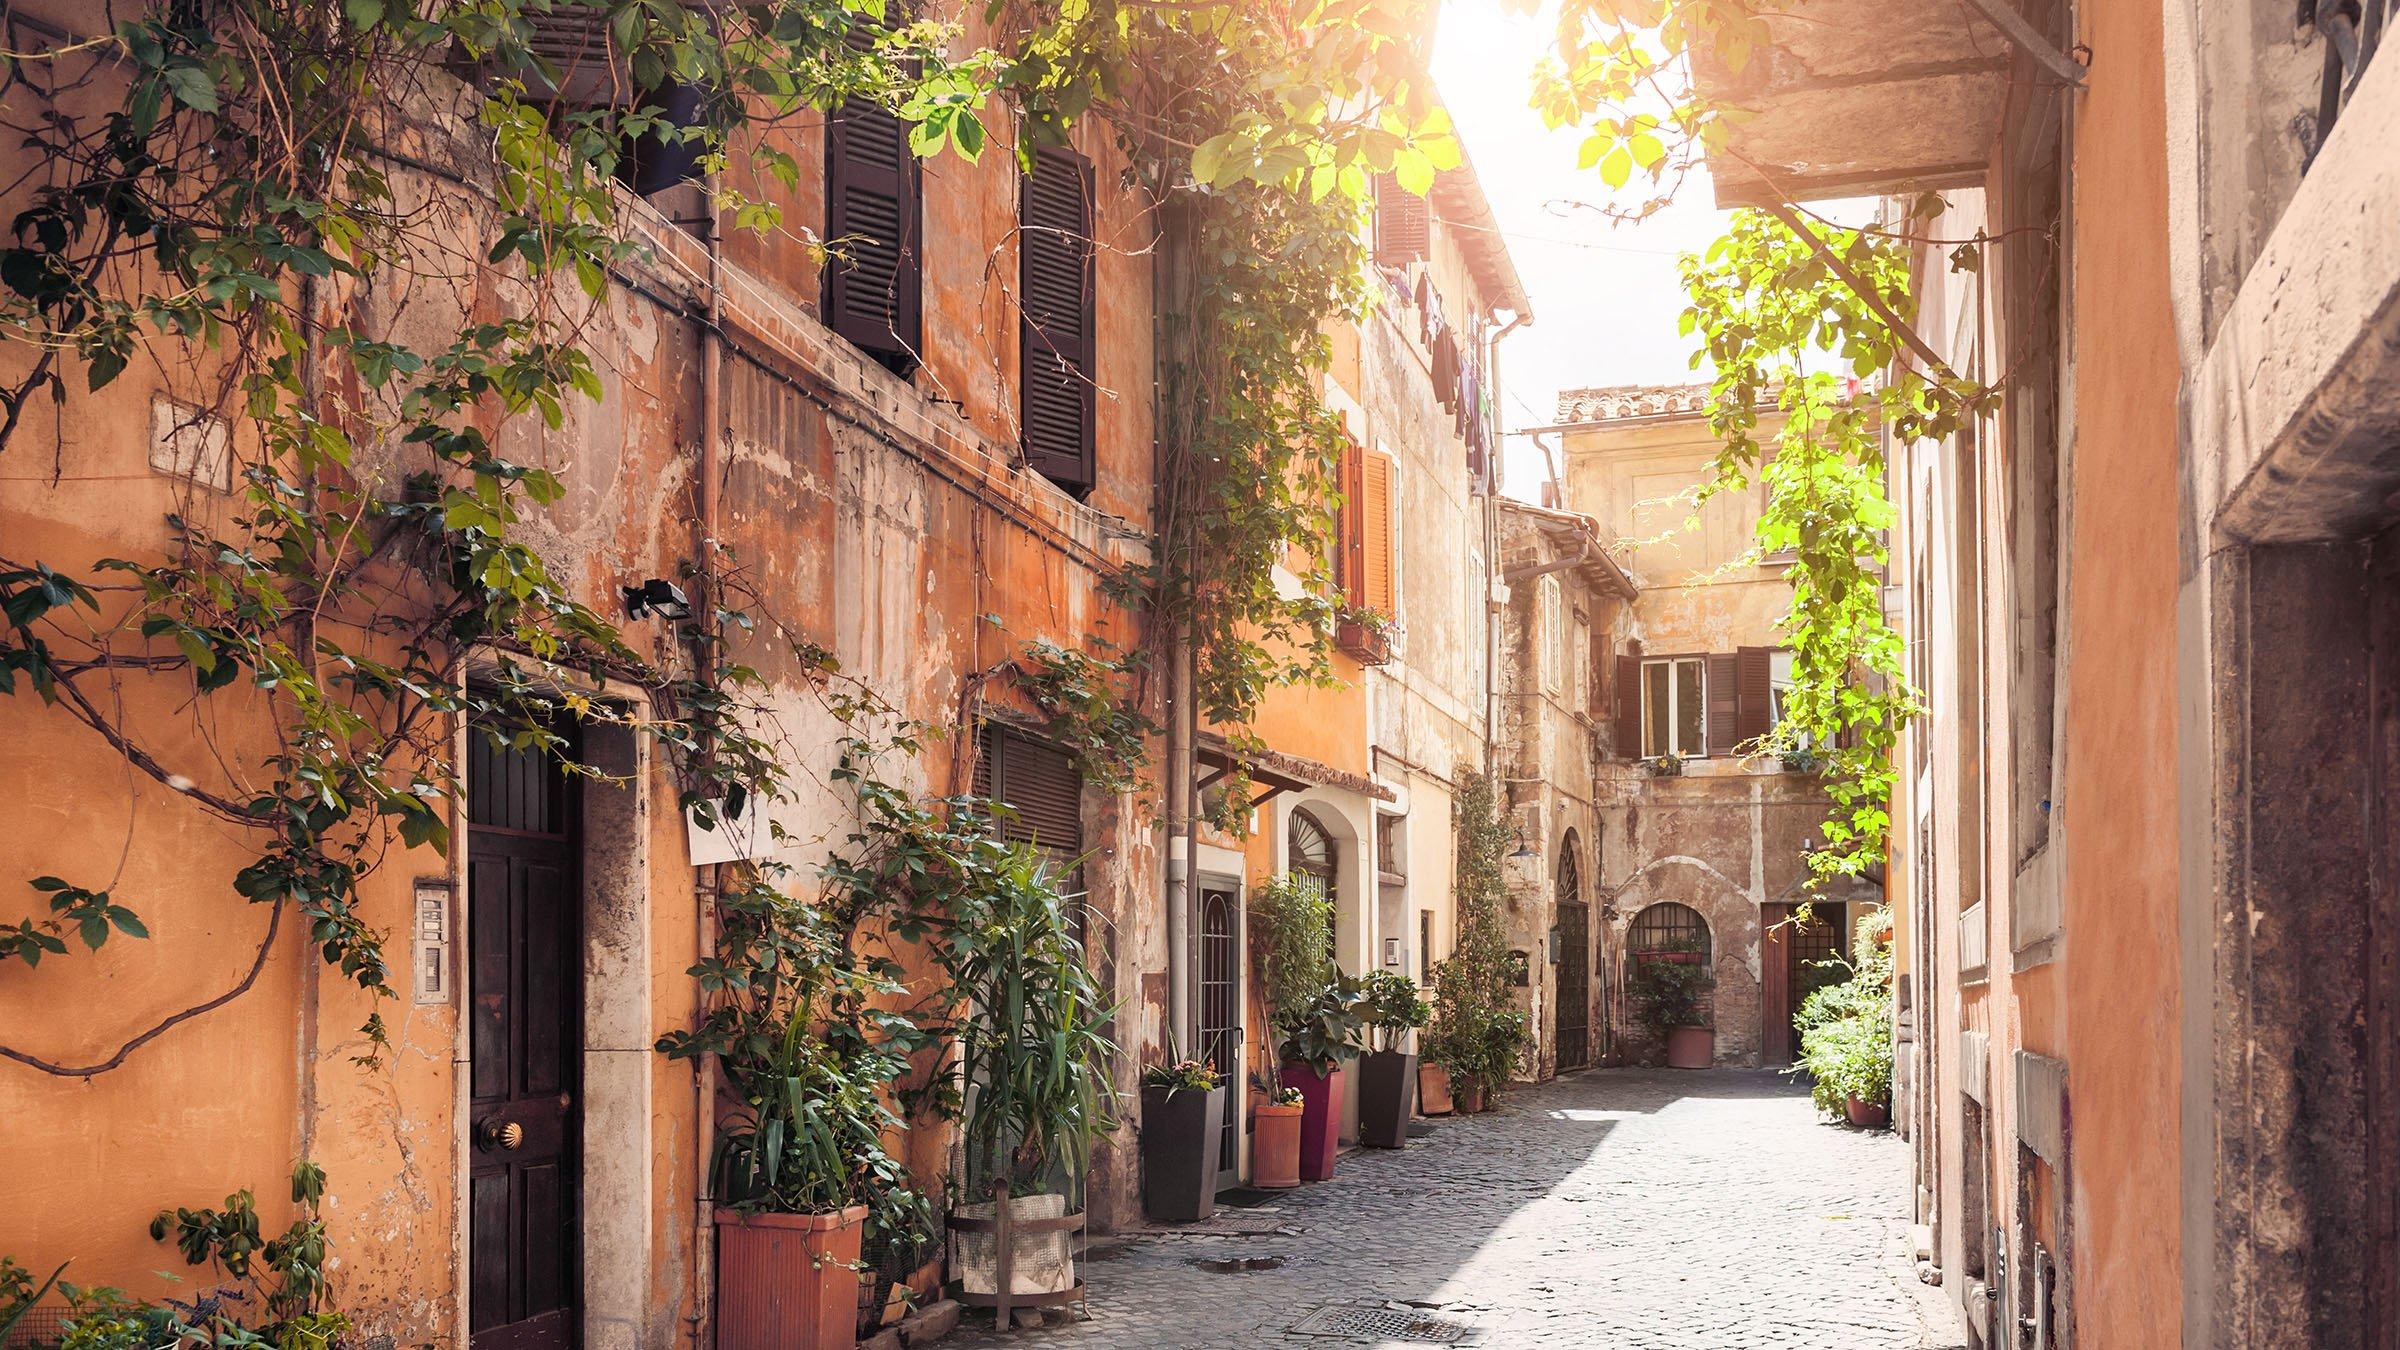 Calle del Trastevere en Roma